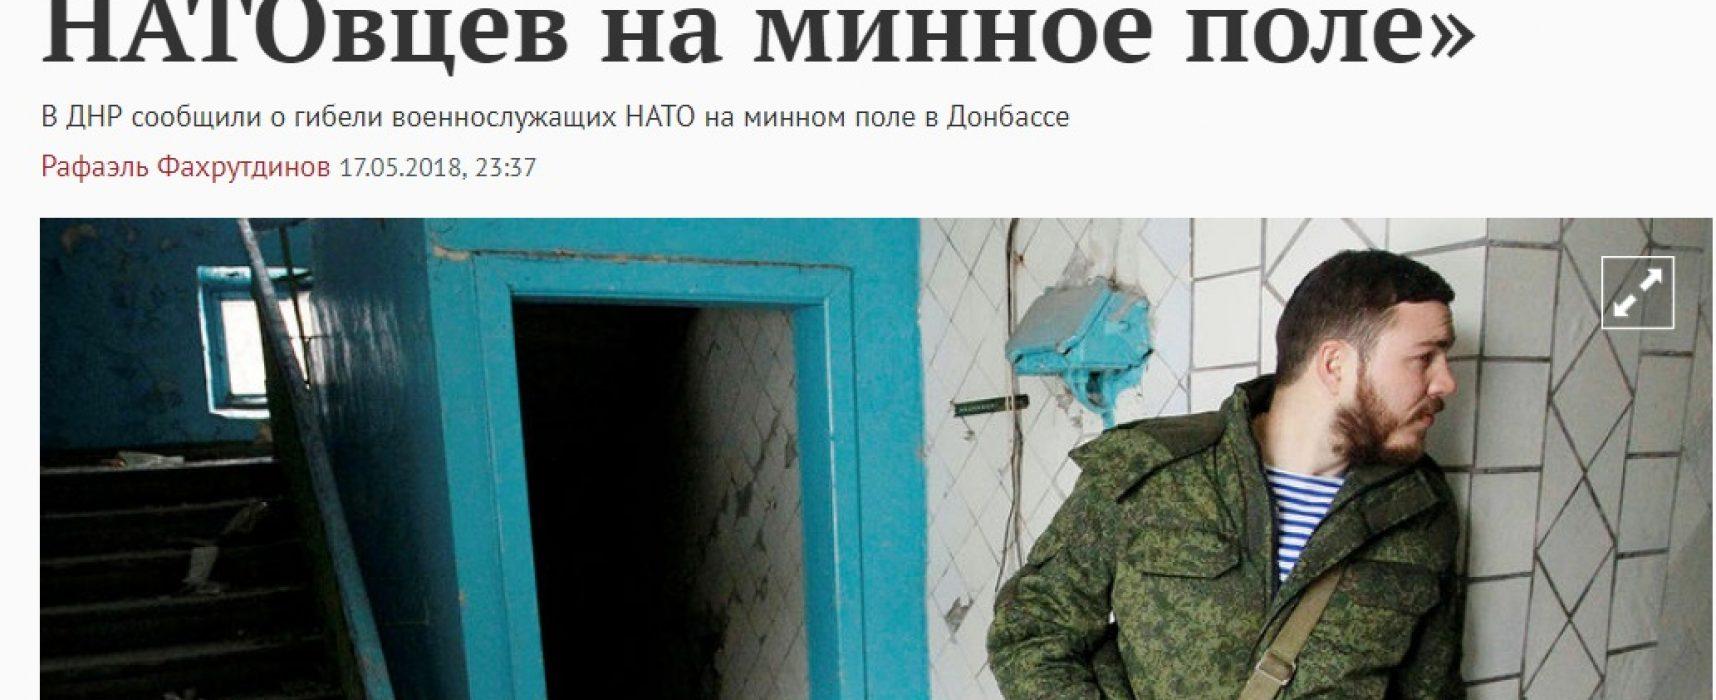 Фейк: Военнослужещи от НАТО загинали в Донбас